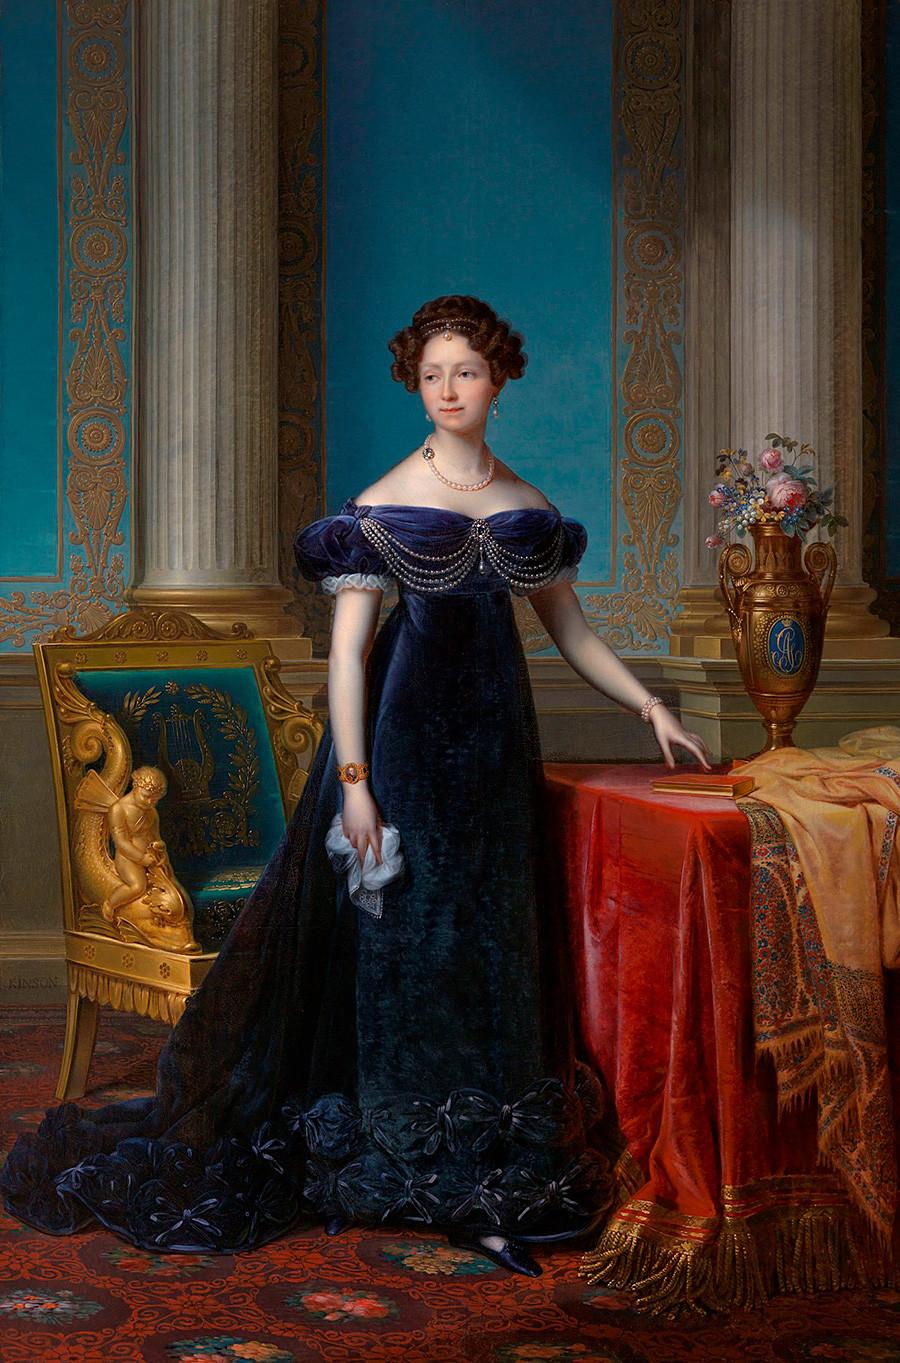 Reina de los Países Bajos, Anna Pavlovna de Rusia